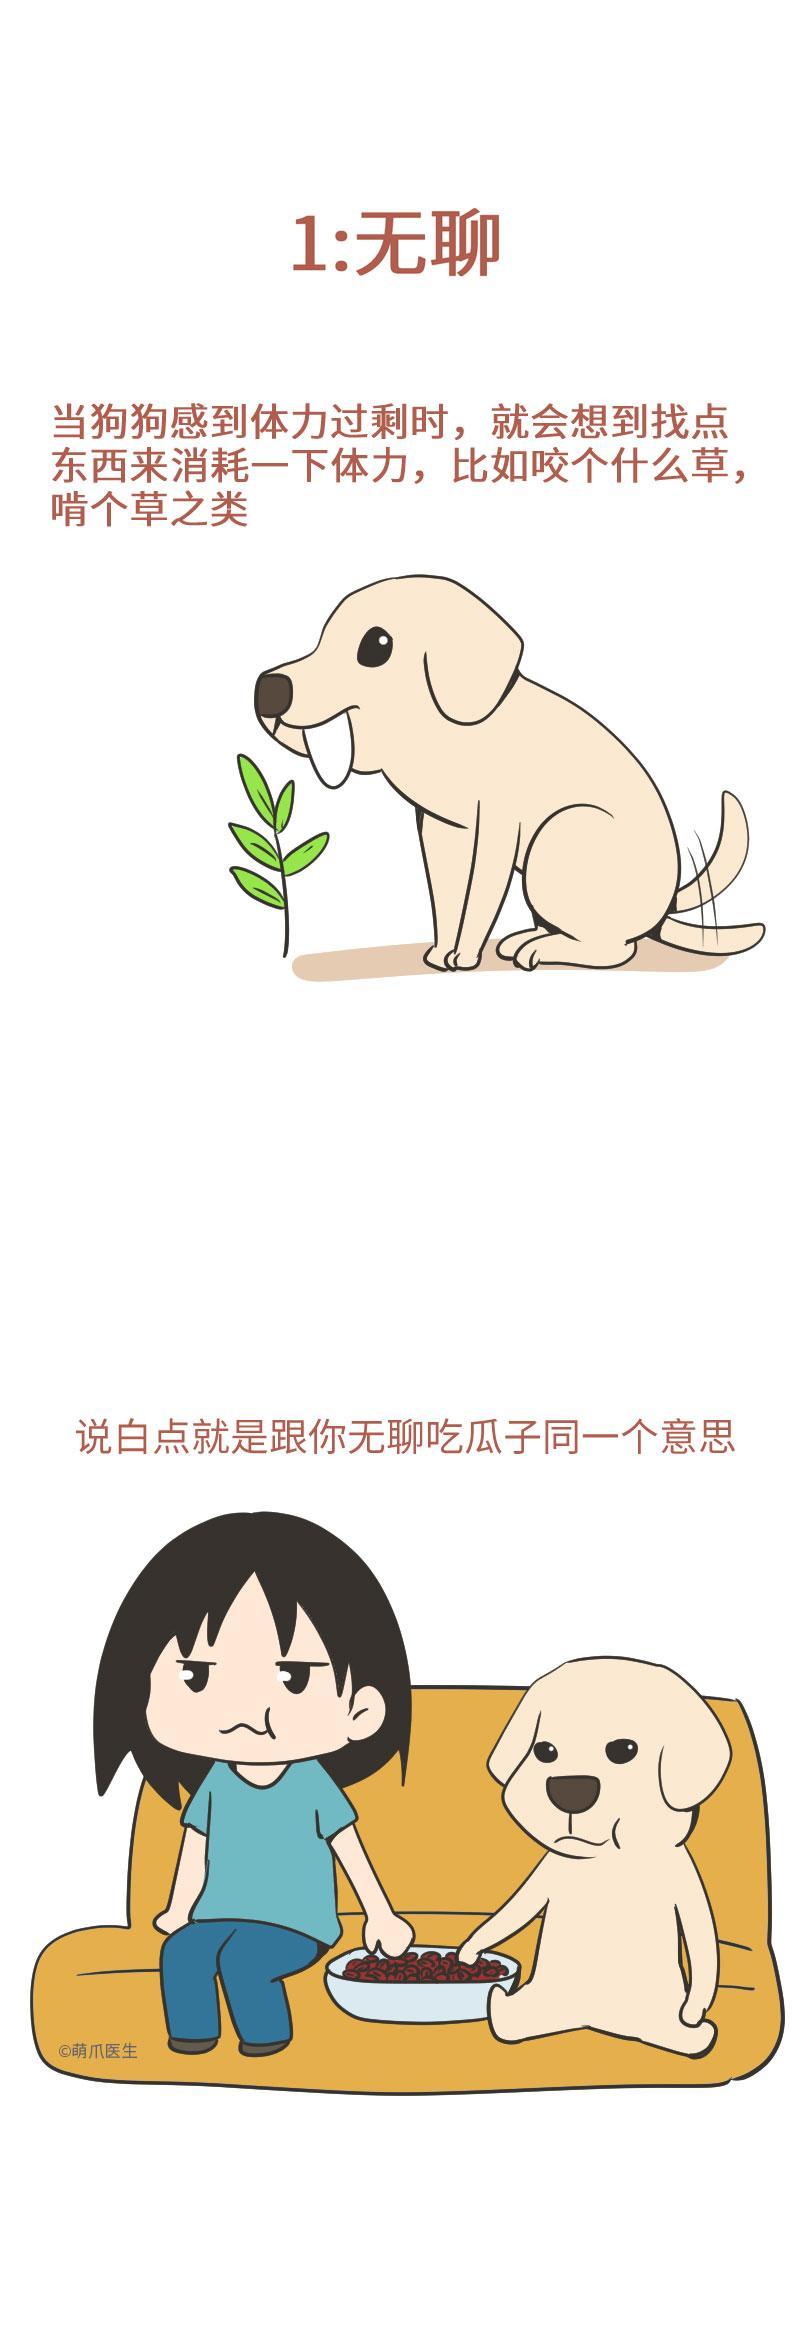 天啦噜,我家狗狗竟然在吃草!!!这是怎么回事,怎么办呢?